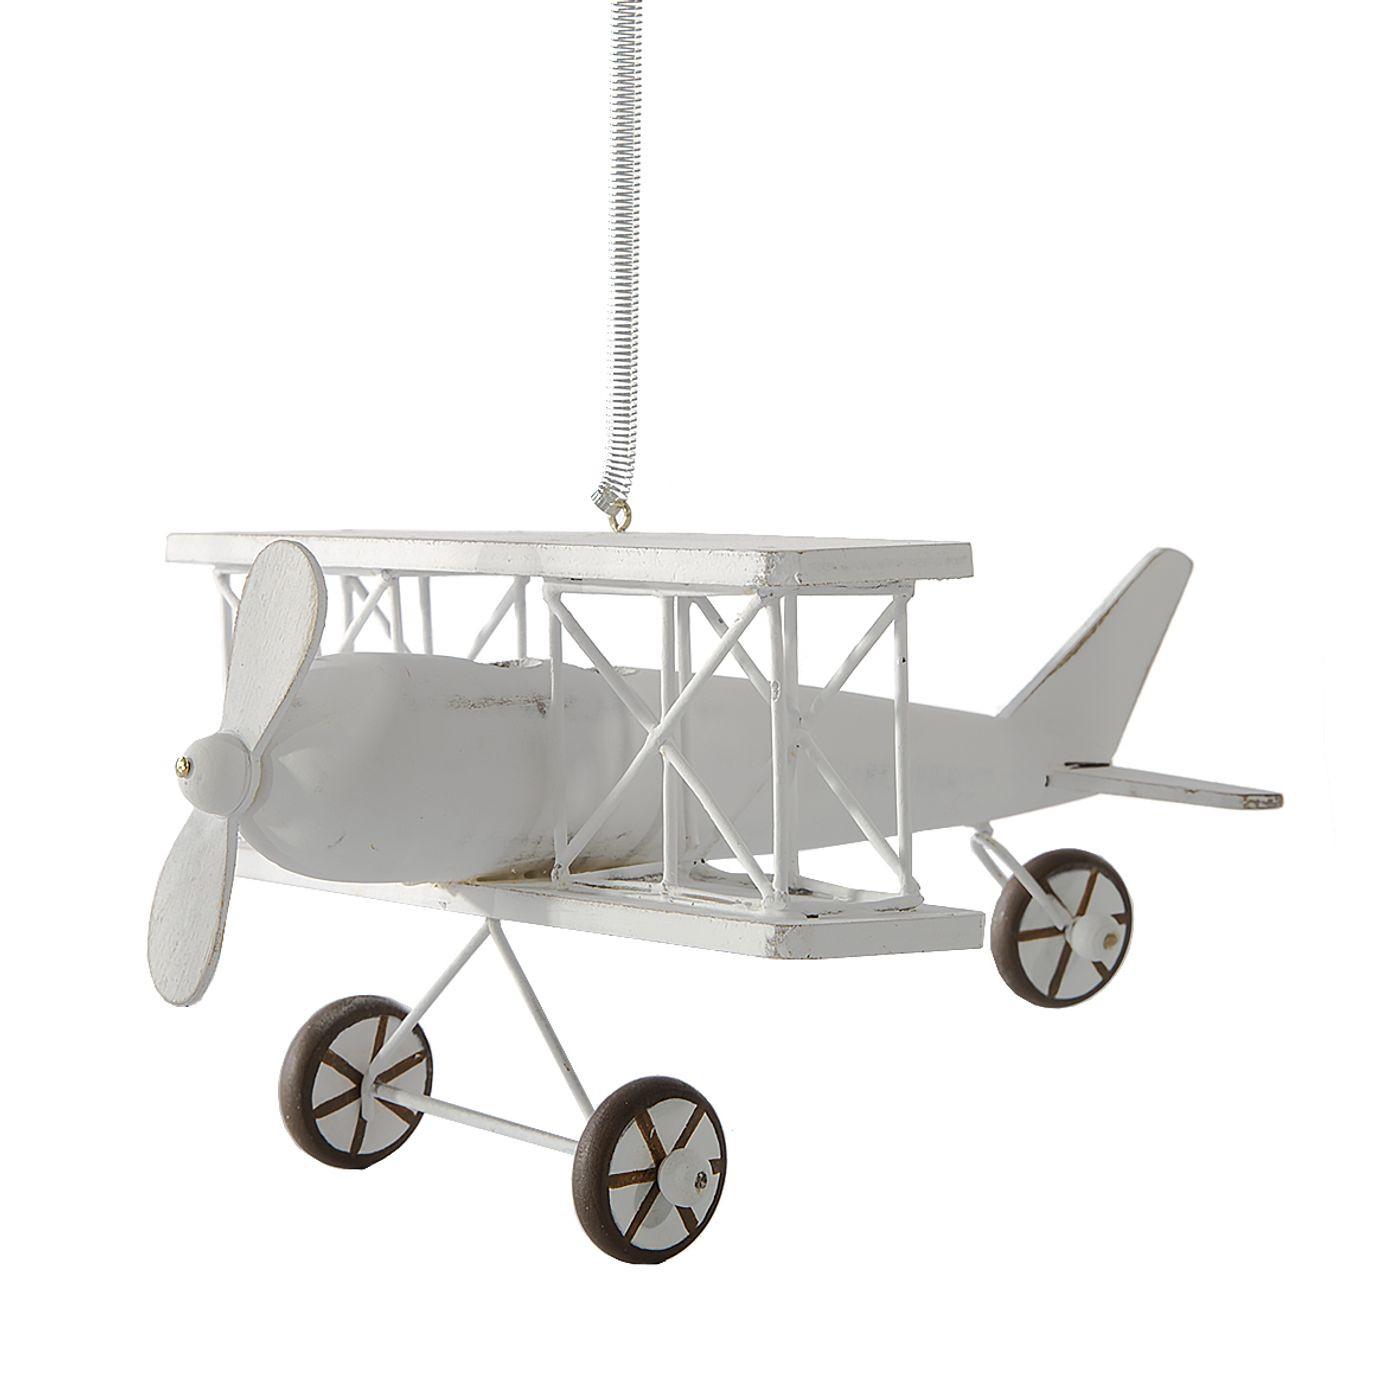 Figurka dekoracyjna samolot drewno 13 x 15 x 9 cm